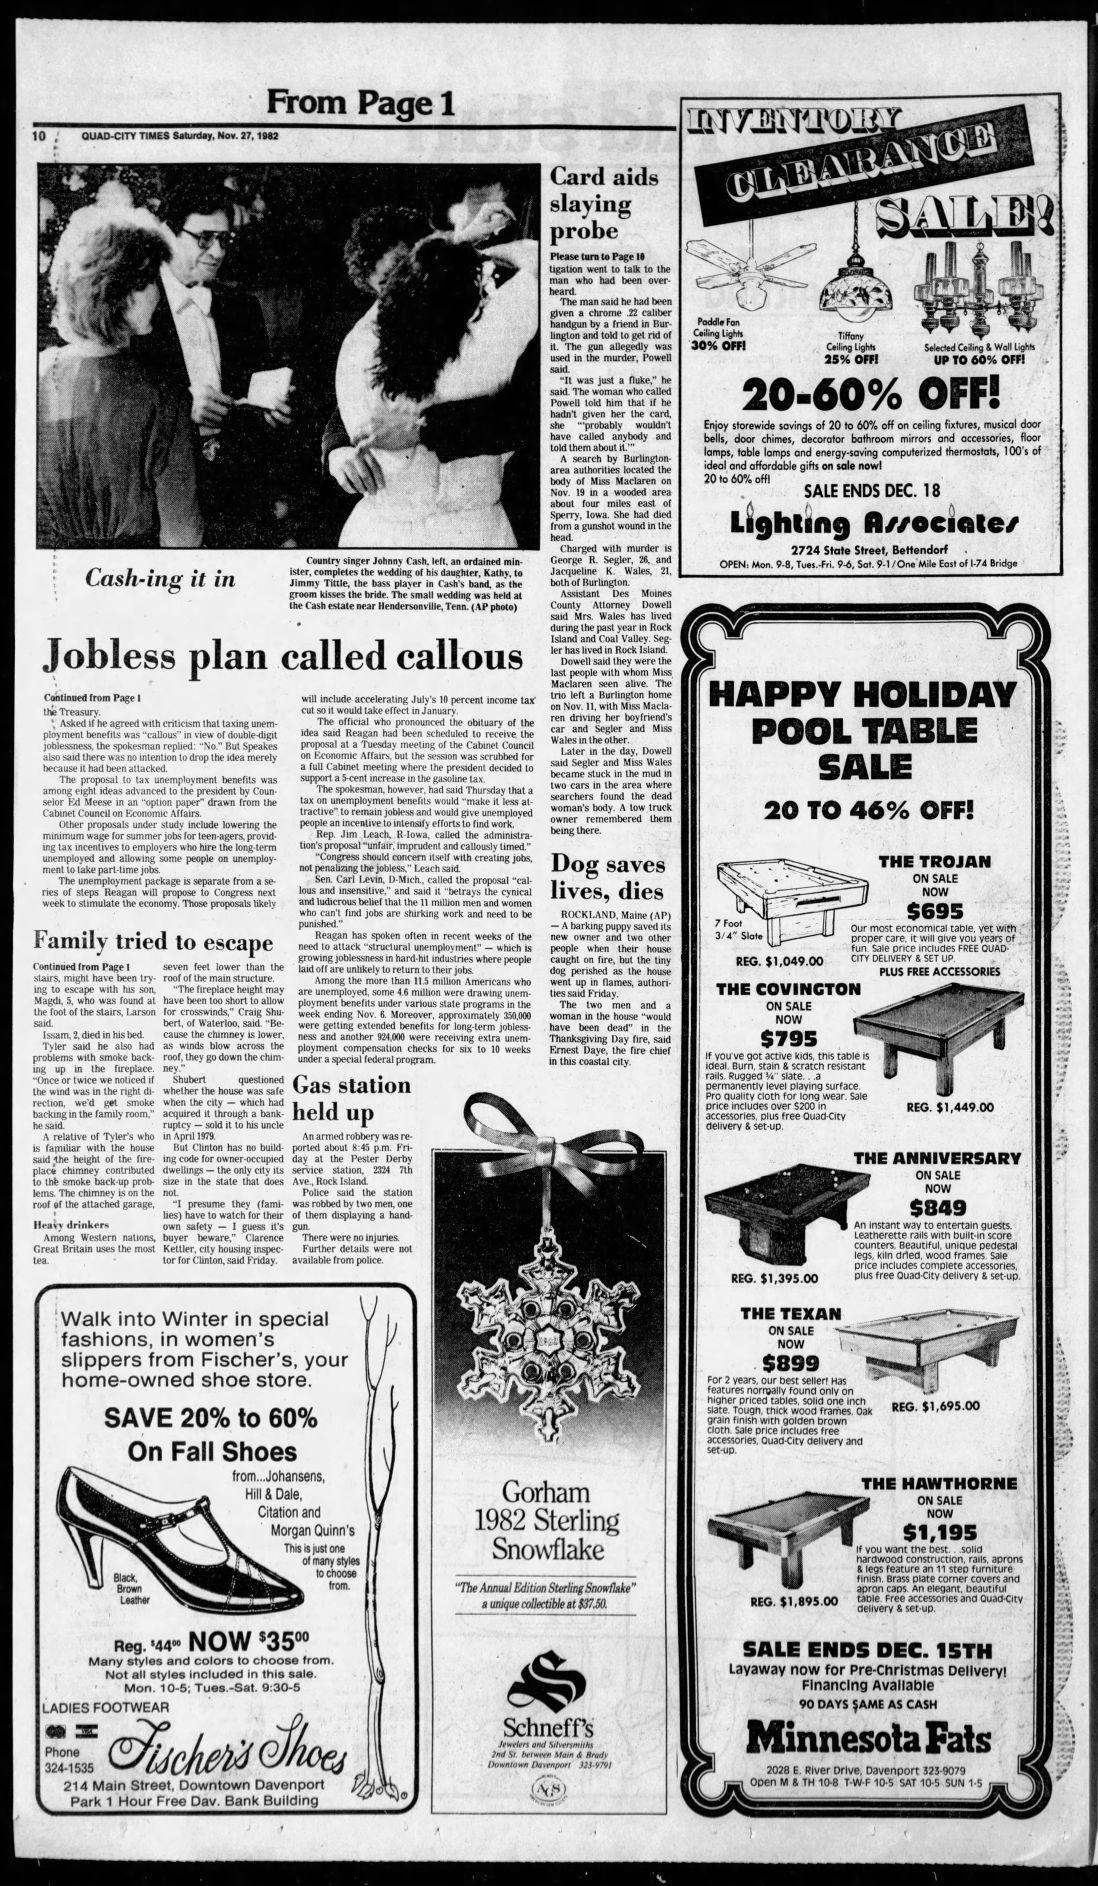 Nov. 27, 1982 page 10